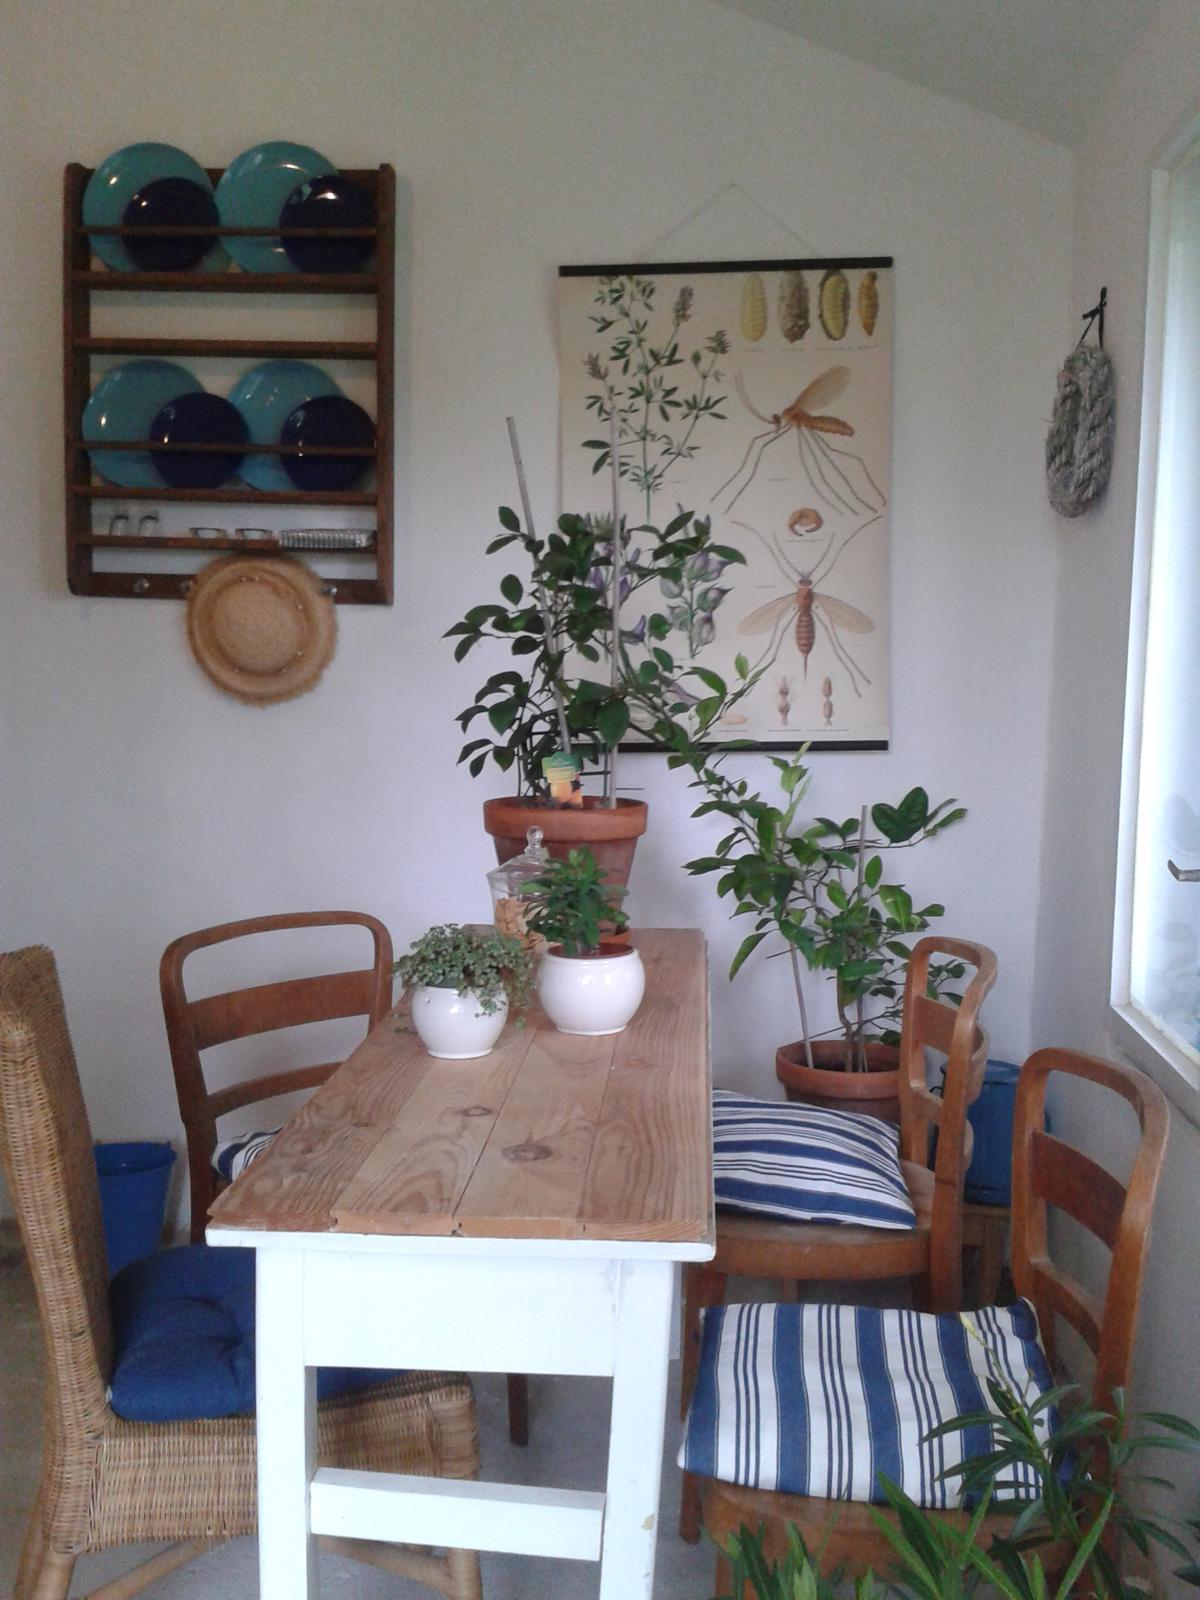 Práce na chalupe pred a po - Posledná izba vymaľovaná dnes,polička namontovaná,plagát na mieste ešte veľa treba dorobiť ,ale teším :)